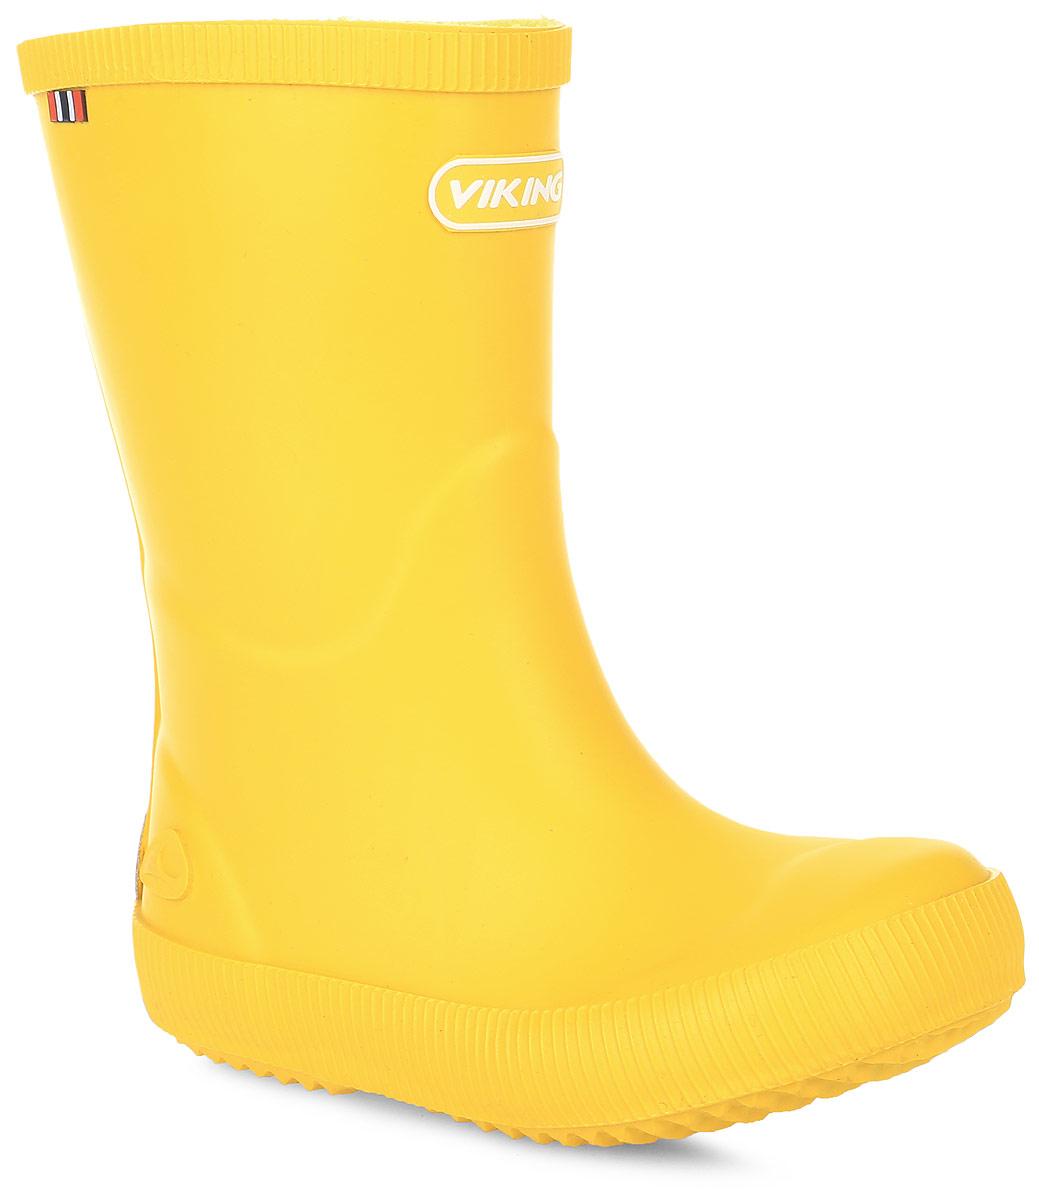 Резиновые сапоги1-13200-00013Модные резиновые сапоги от Viking - идеальная обувь в дождливую погоду для вашей девочки. Модель лаконичного дизайна оформлена эмблемой с названием бренда. Внутренняя поверхность и стелька, выполненные из синтетического материала со скрученными волокнами, способствующими поддержанию тепла, комфортны при ходьбе. Подошва с протектором гарантирует отличное сцепление с любой поверхностью. Резиновые сапоги - необходимая вещь в гардеробе каждого ребенка.